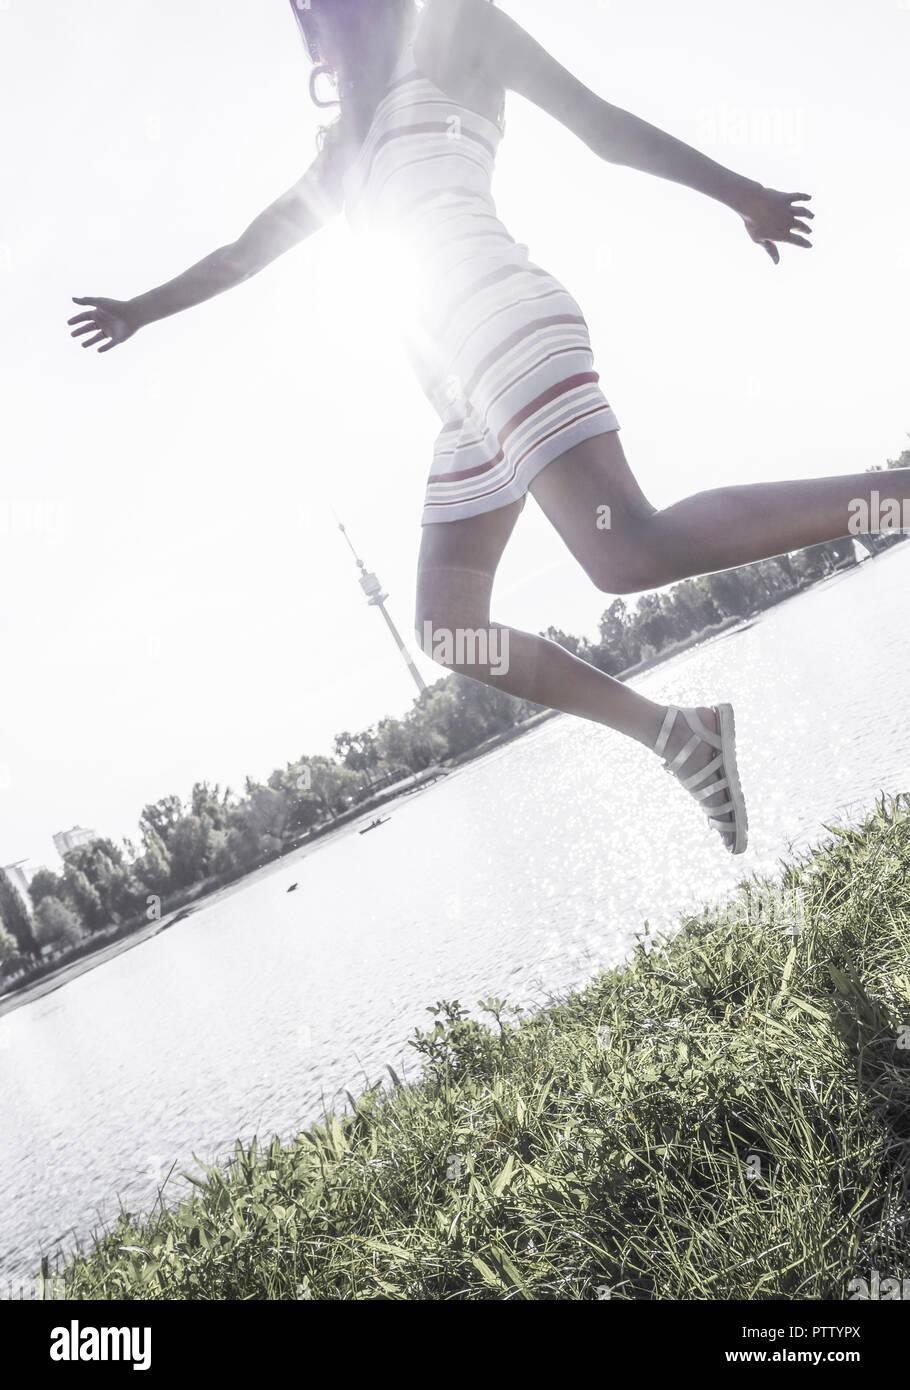 Frau spingt in die Luft, Gewaesser im Hintergrund (model-released) - Stock Image